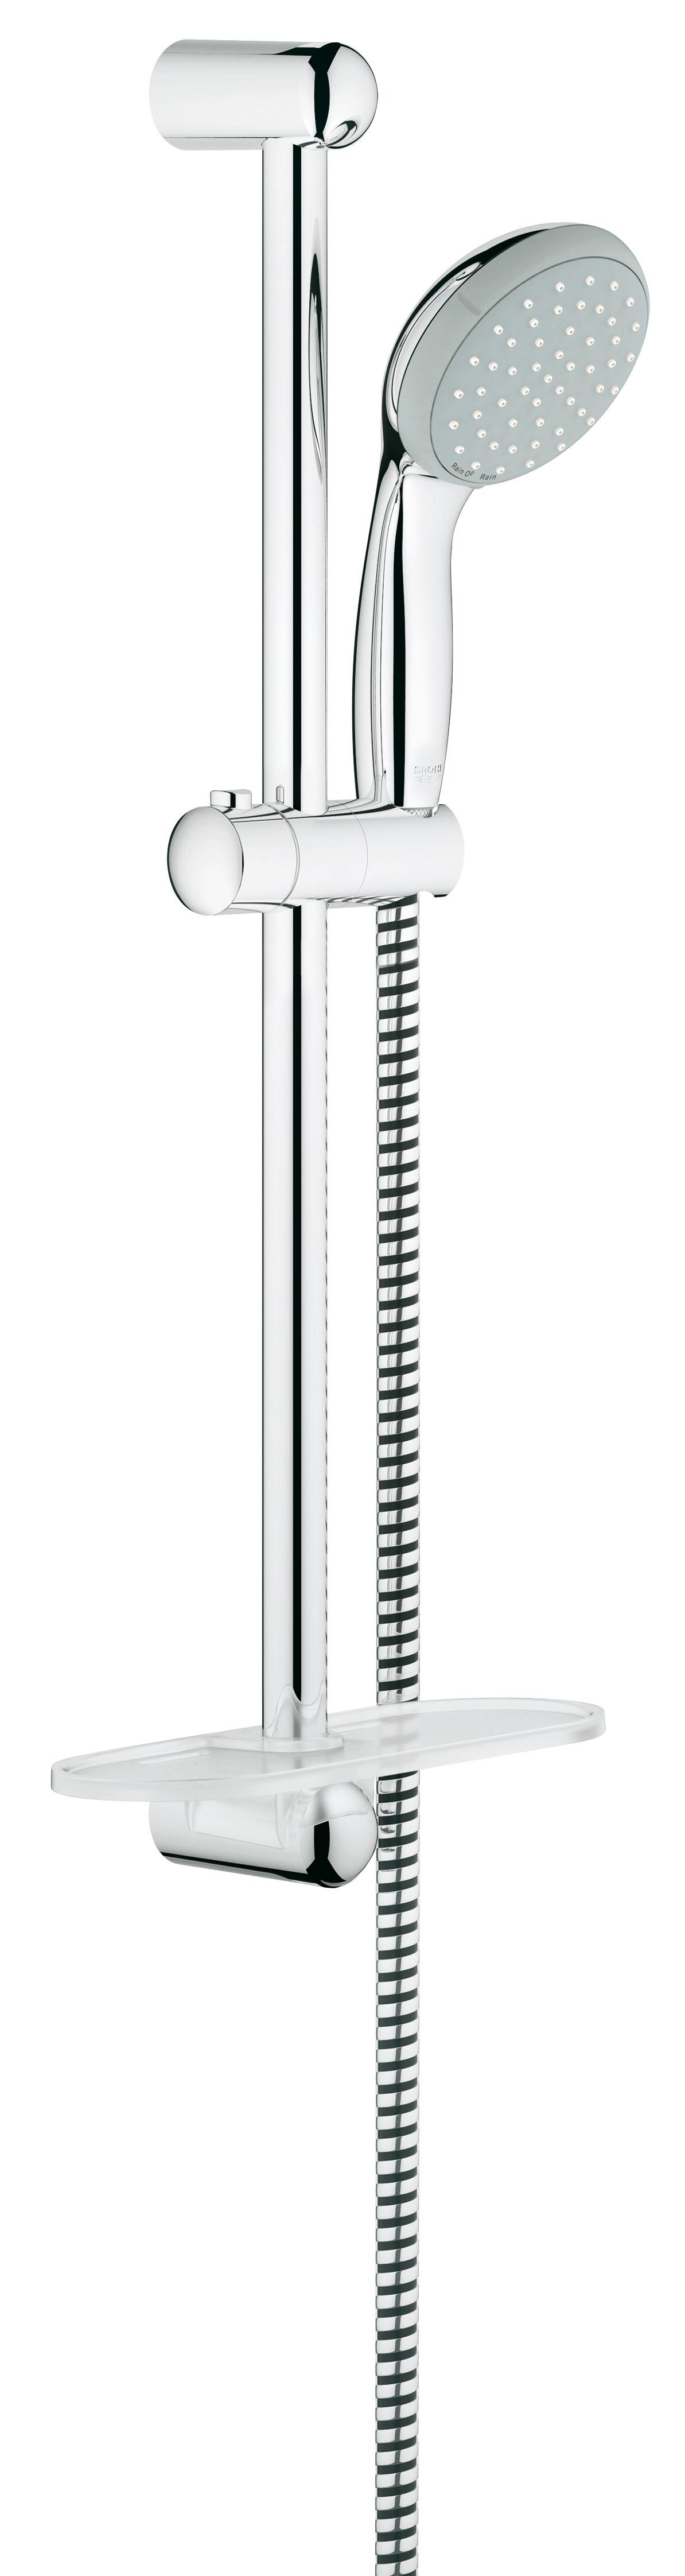 Душевой комплект с полочкой GROHE New Tempesta, штанга 600мм. (27926000)BL505Состоит из Ручной душ (27 597 00E) Душевая штанга, 600 мм (27 523 000) Душевой шланг Relexaflex 1750 мм 1/2? x 1/2? (28 154 000) Полочка GROHE EasyReach™(27 596 000) GROHE DreamSpray превосходный поток воды GROHE CoolTouch GROHE StarLight хромированная поверхностьС системой SpeedClean против известковых отложений Внутренний охлаждающий канал для продолжительного срока службы ShockProof силиконовое кольцо, предотвращающееПовреждение поверхности при падении ручного душа Может использоваться с проточным водонагревателемВидео по установке является исключительно информационным. Установка должна проводиться профессионалами!